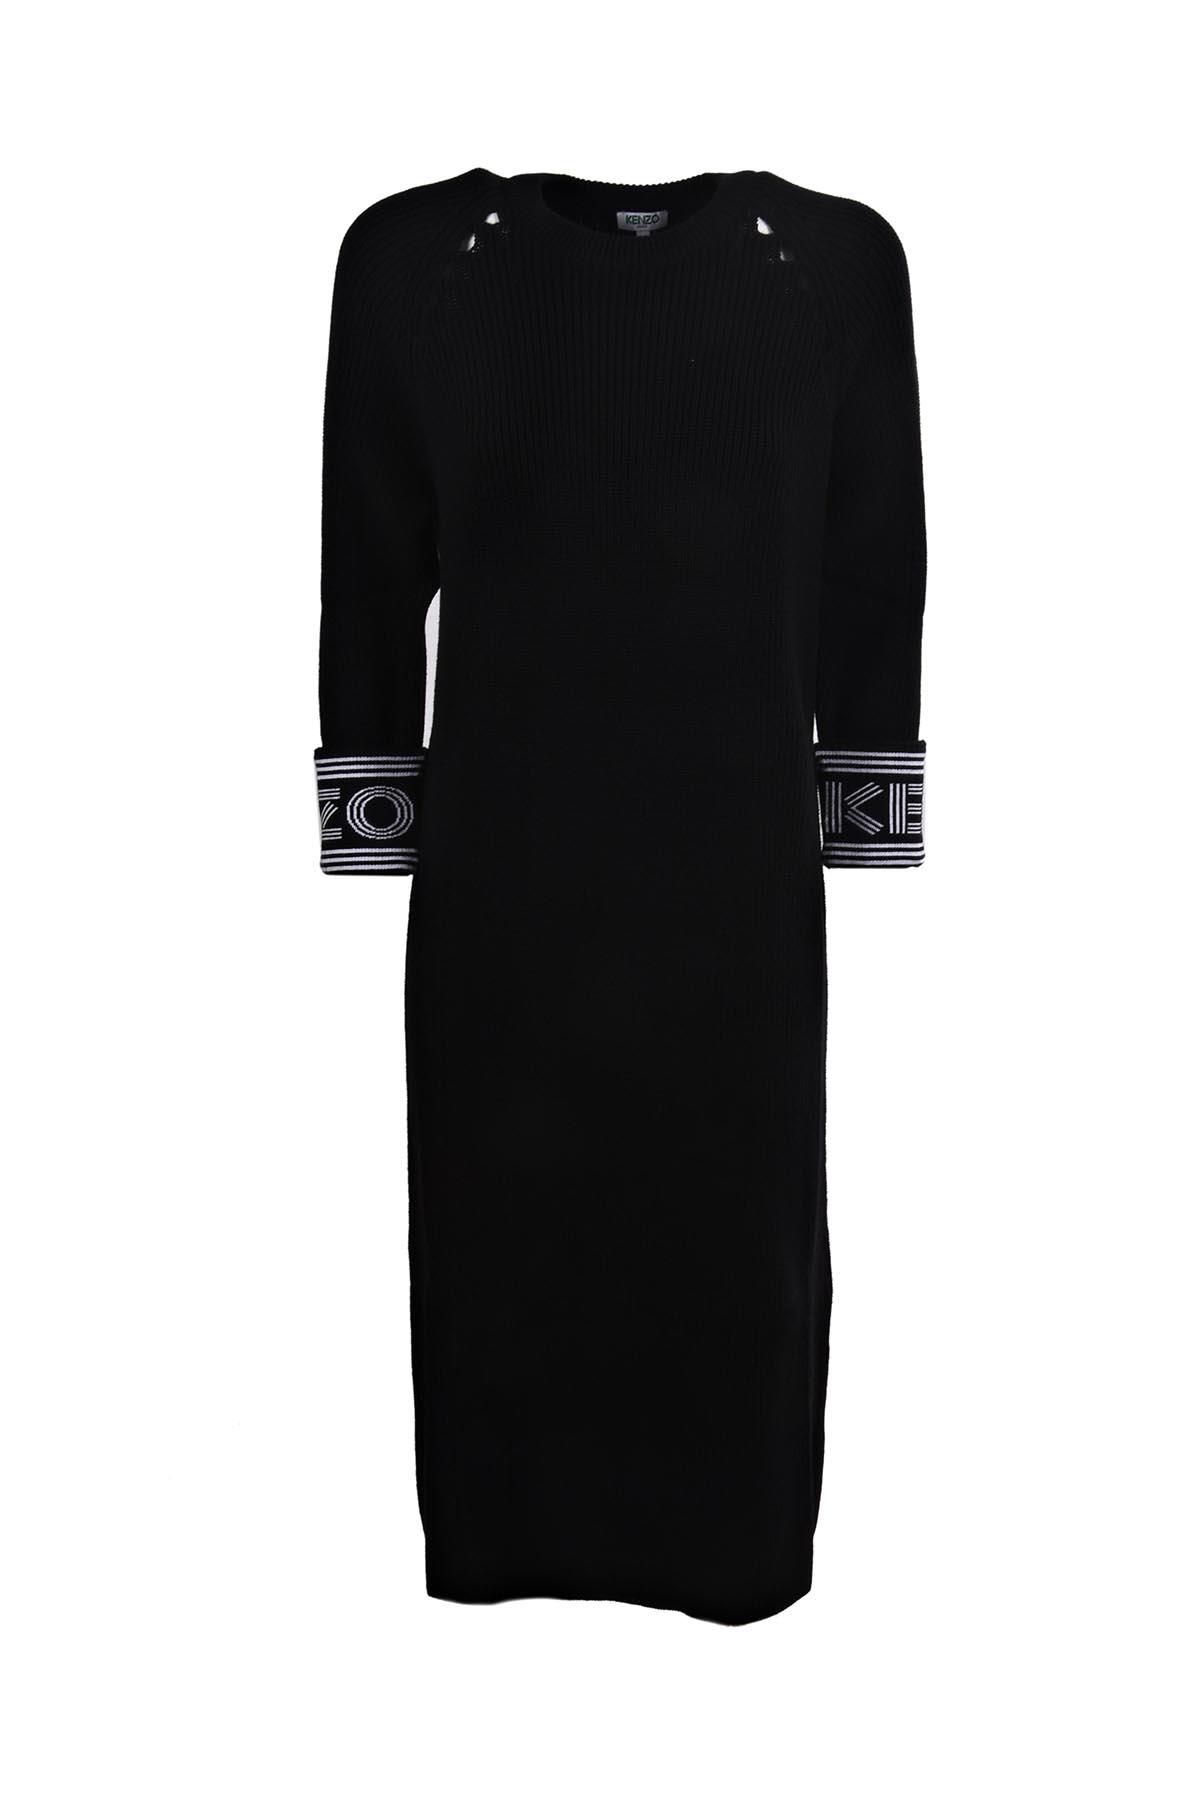 Kenzo Rib-knit Midi Dress